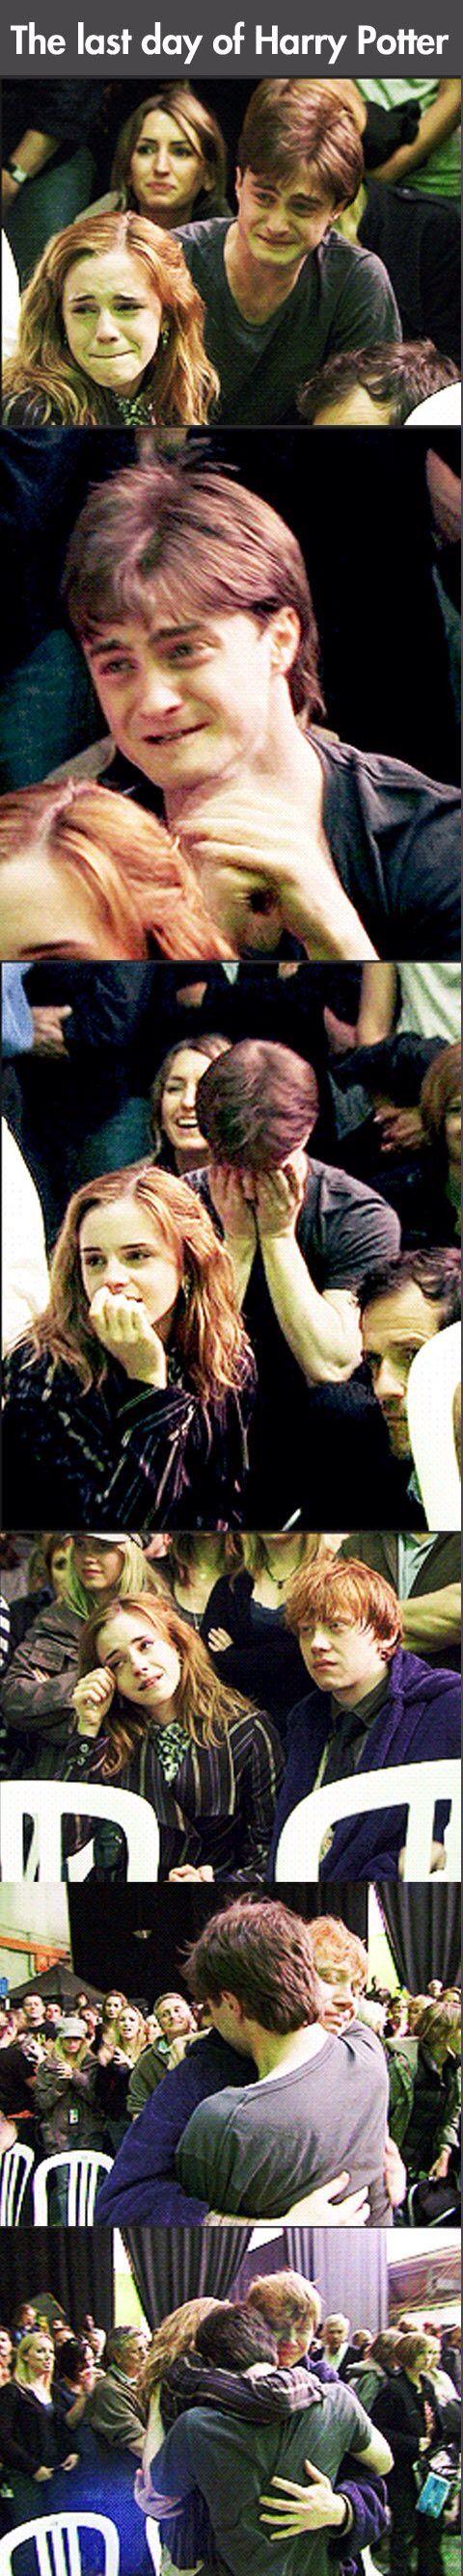 Dan, Rupert and Emma last shoot